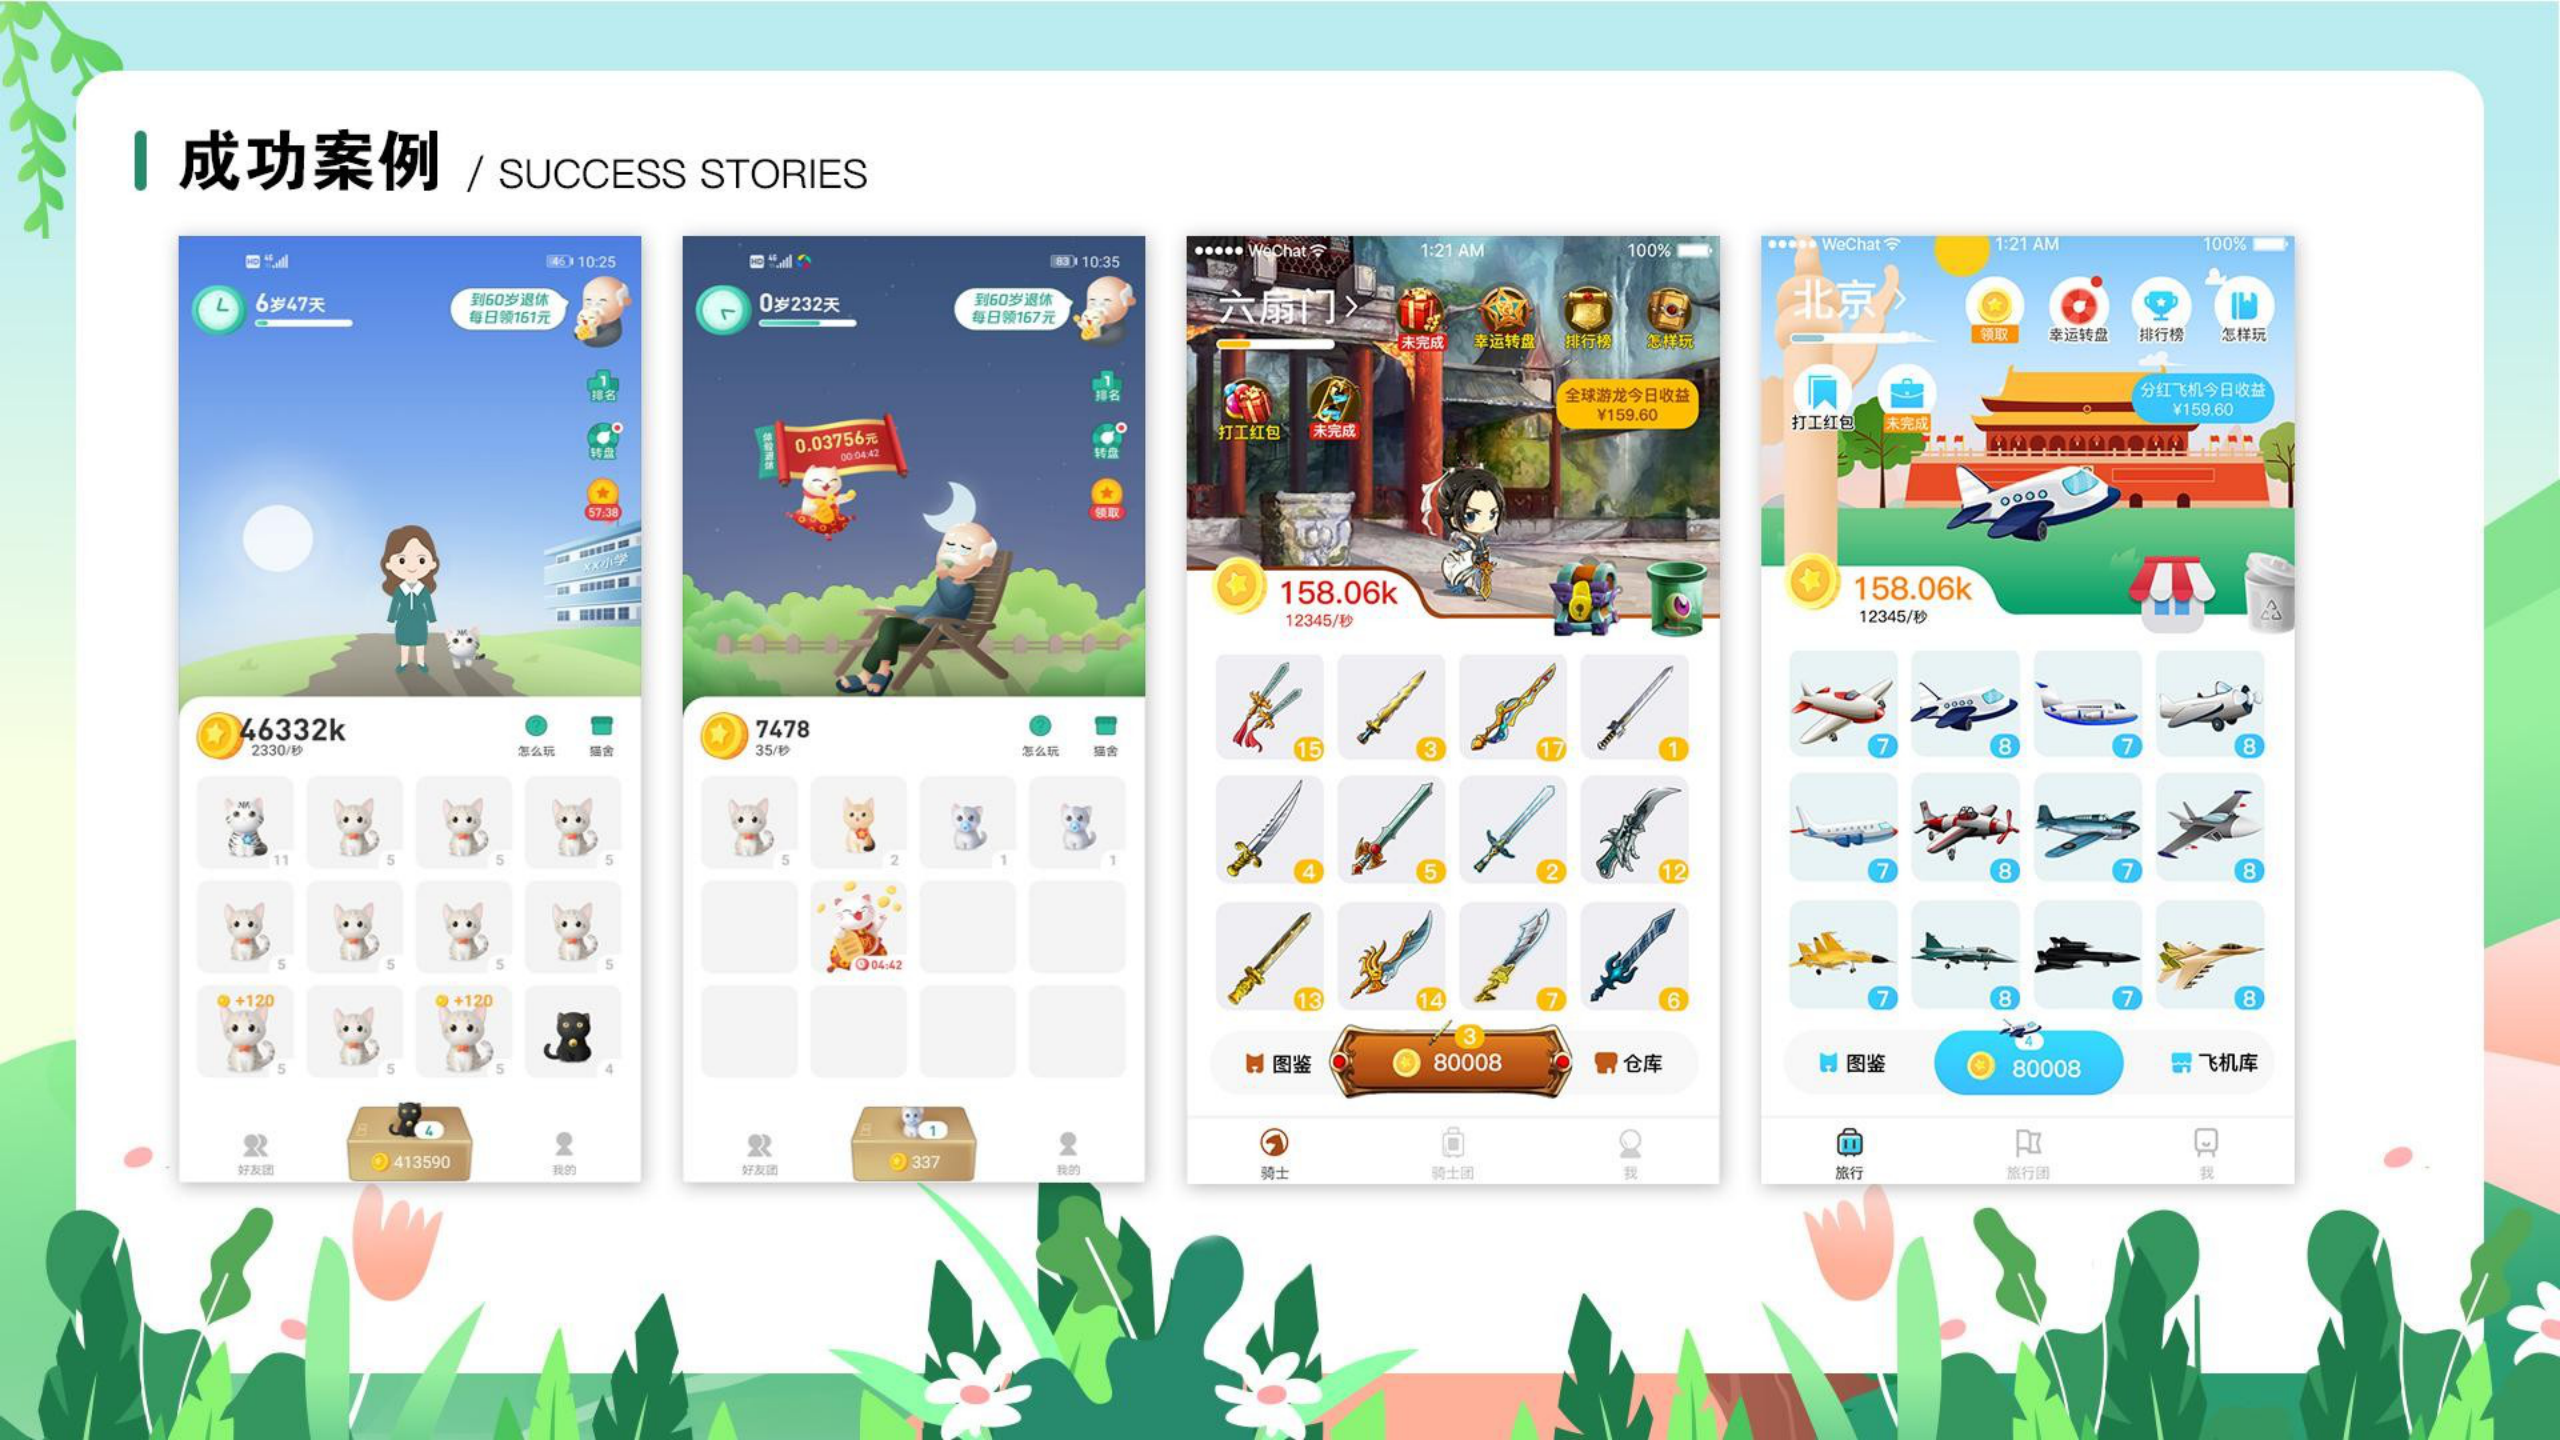 阳光养猪场、陀螺世界合成游戏开发